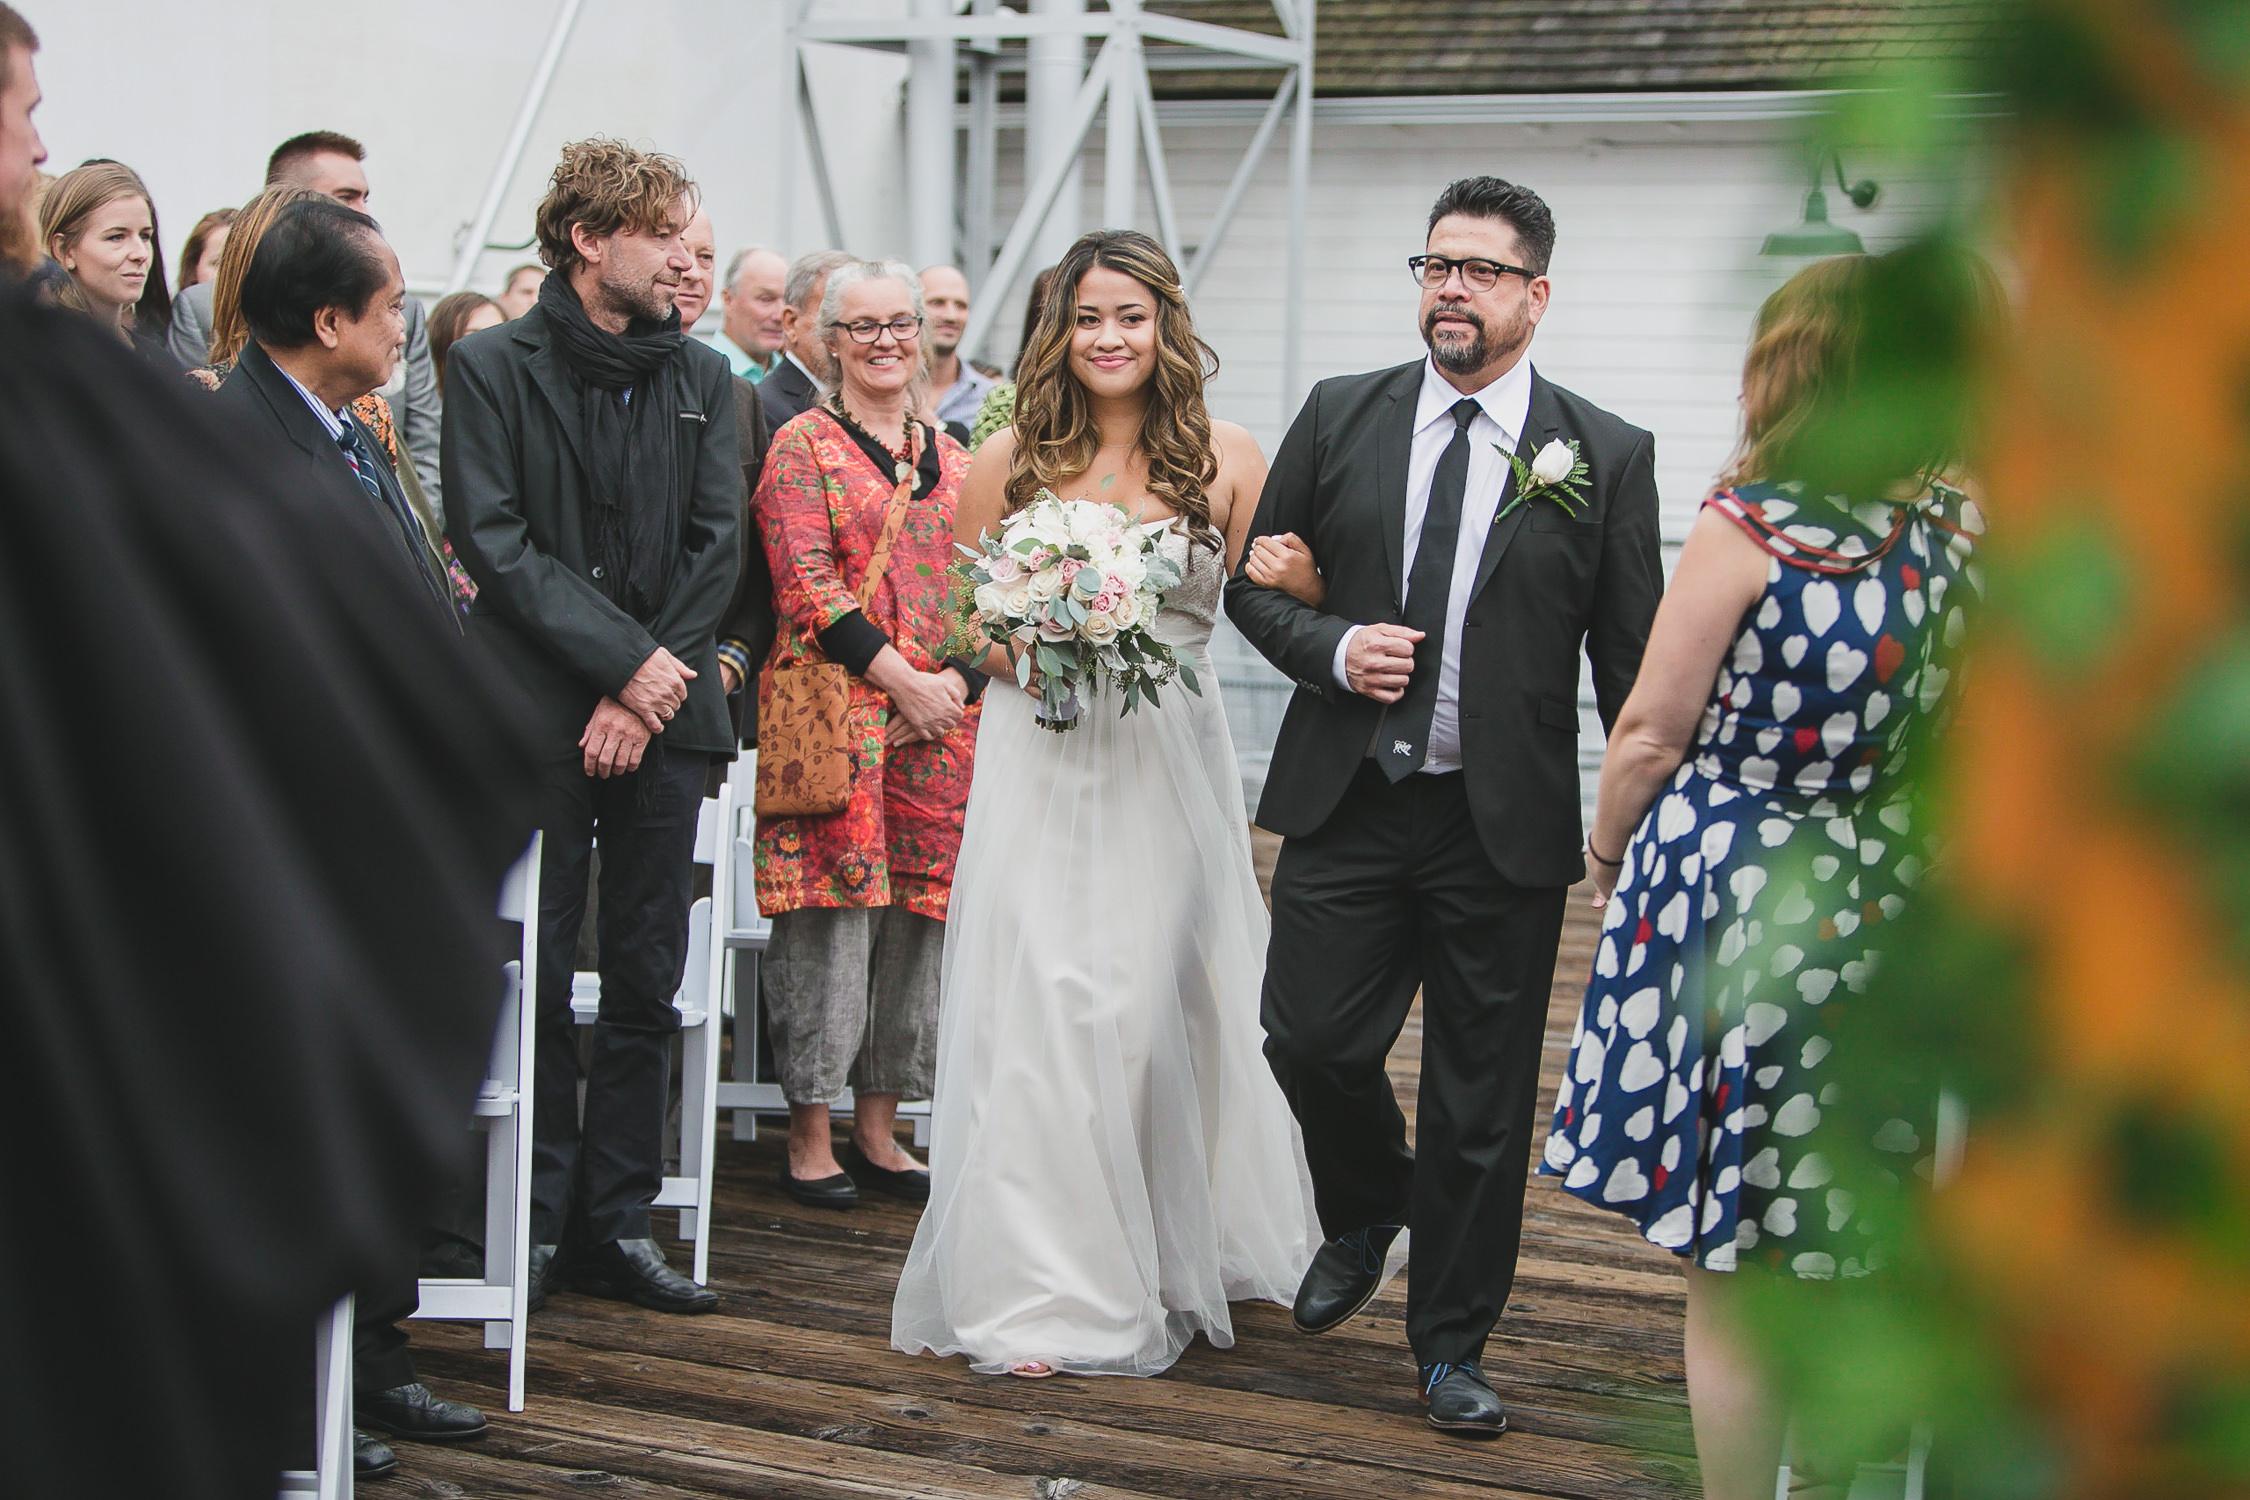 wedding processional, bride entering with dad